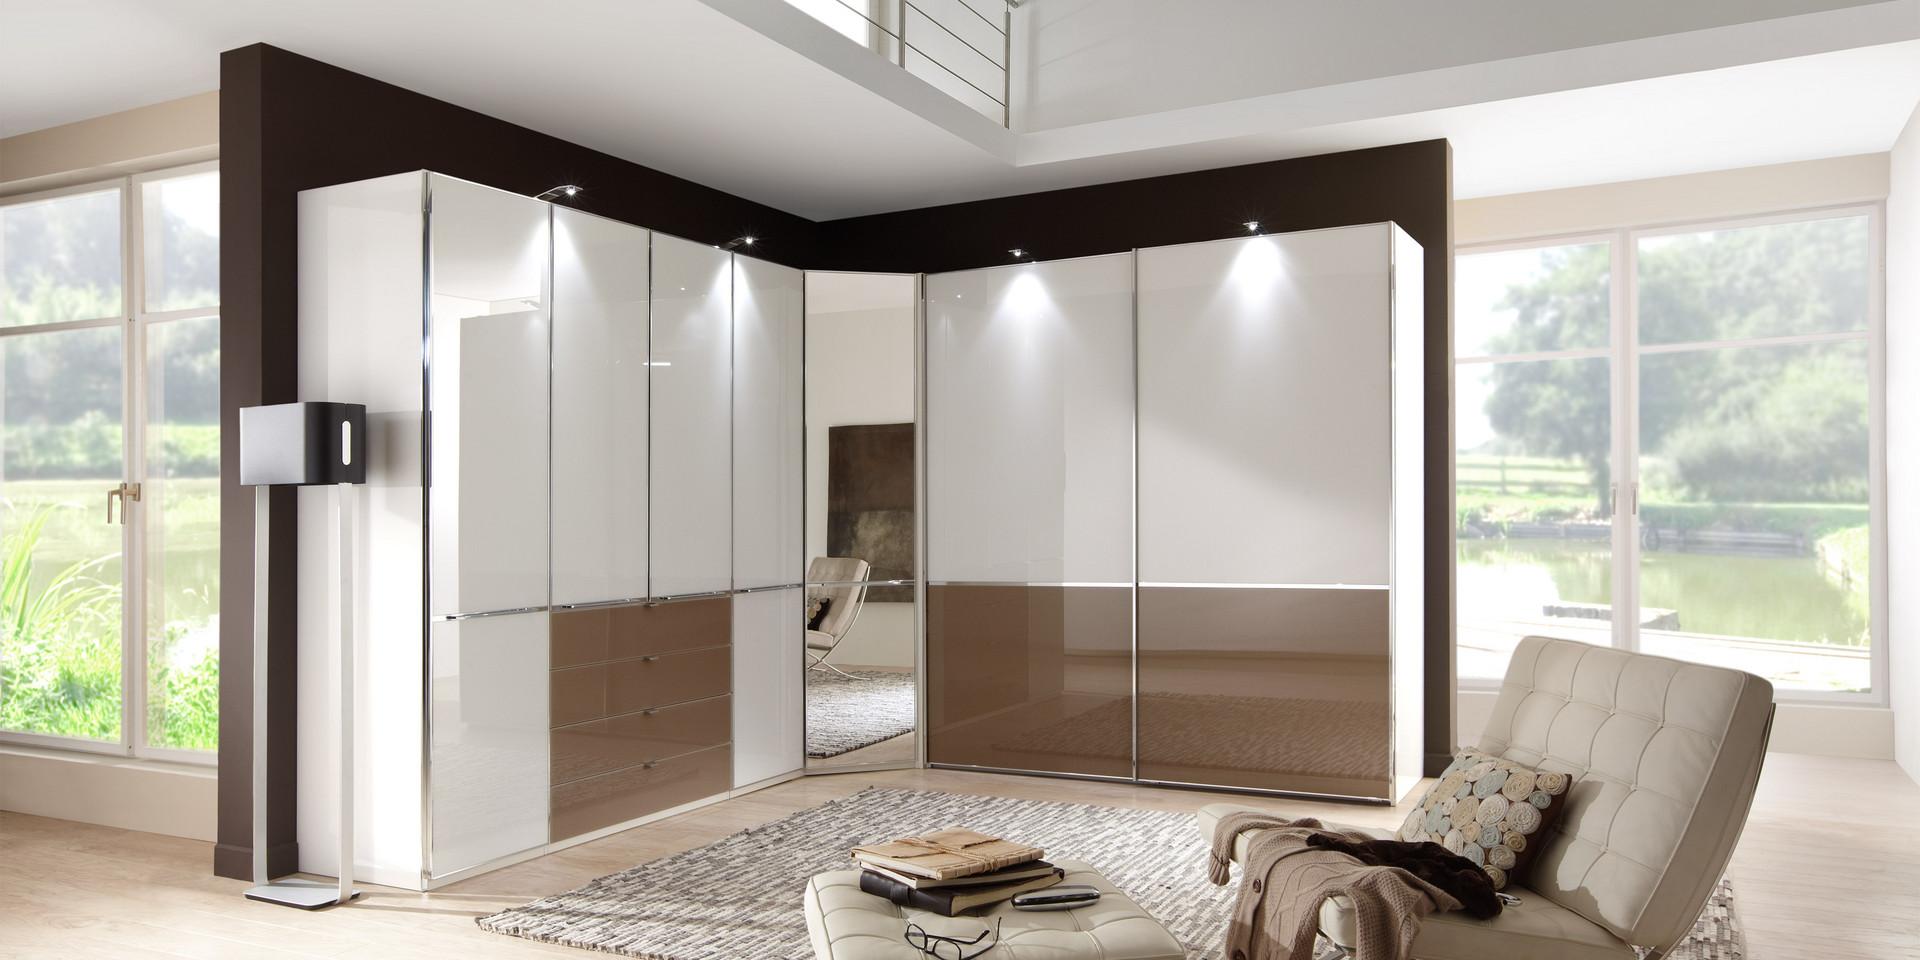 Entdecken Sie hier das Programm Shanghai   Möbelhersteller Wiemann ...